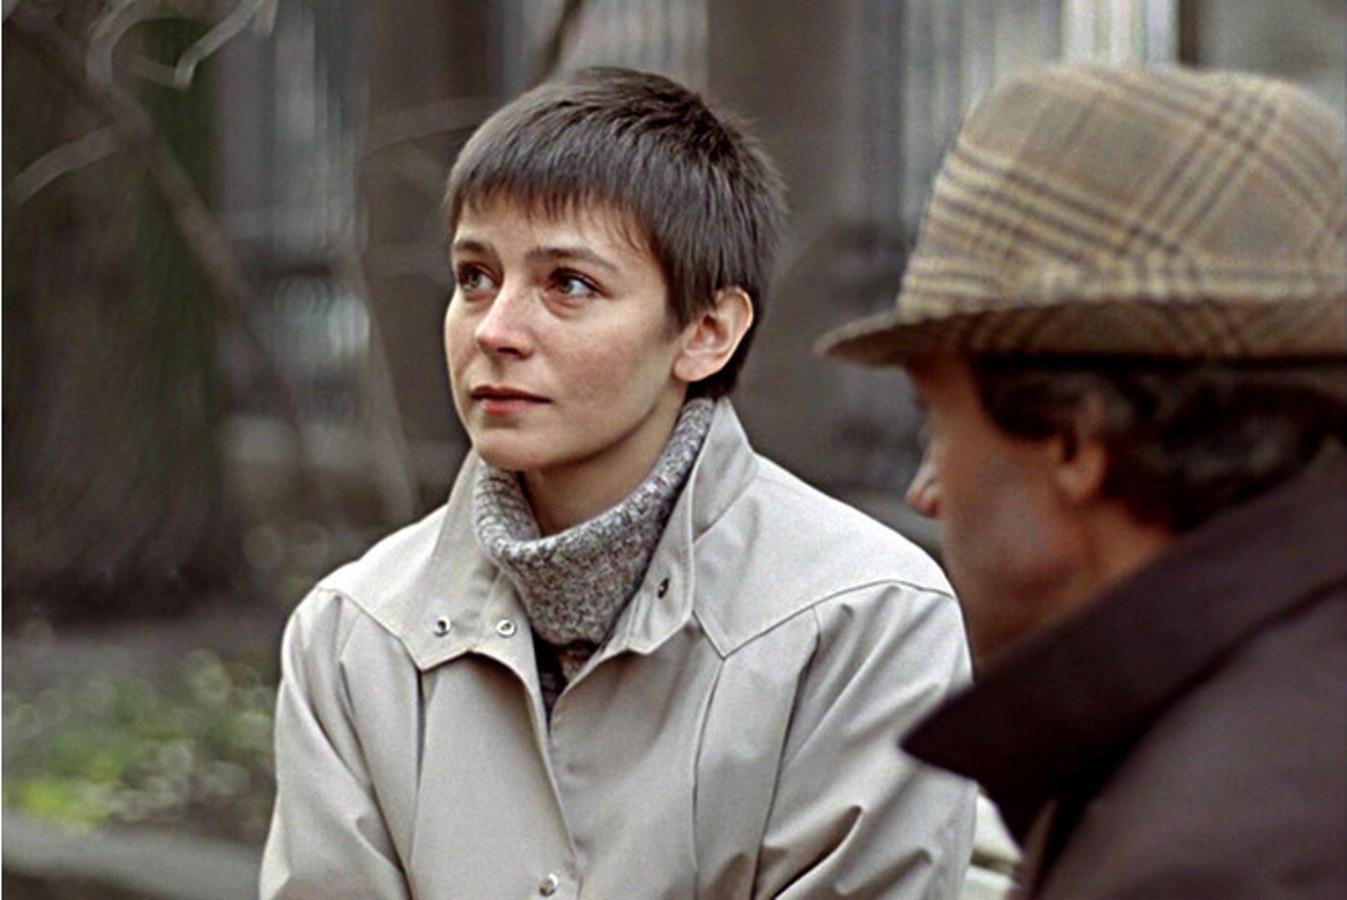 Елена Сафонова: биография, личная жизнь, муж, дети (фото)